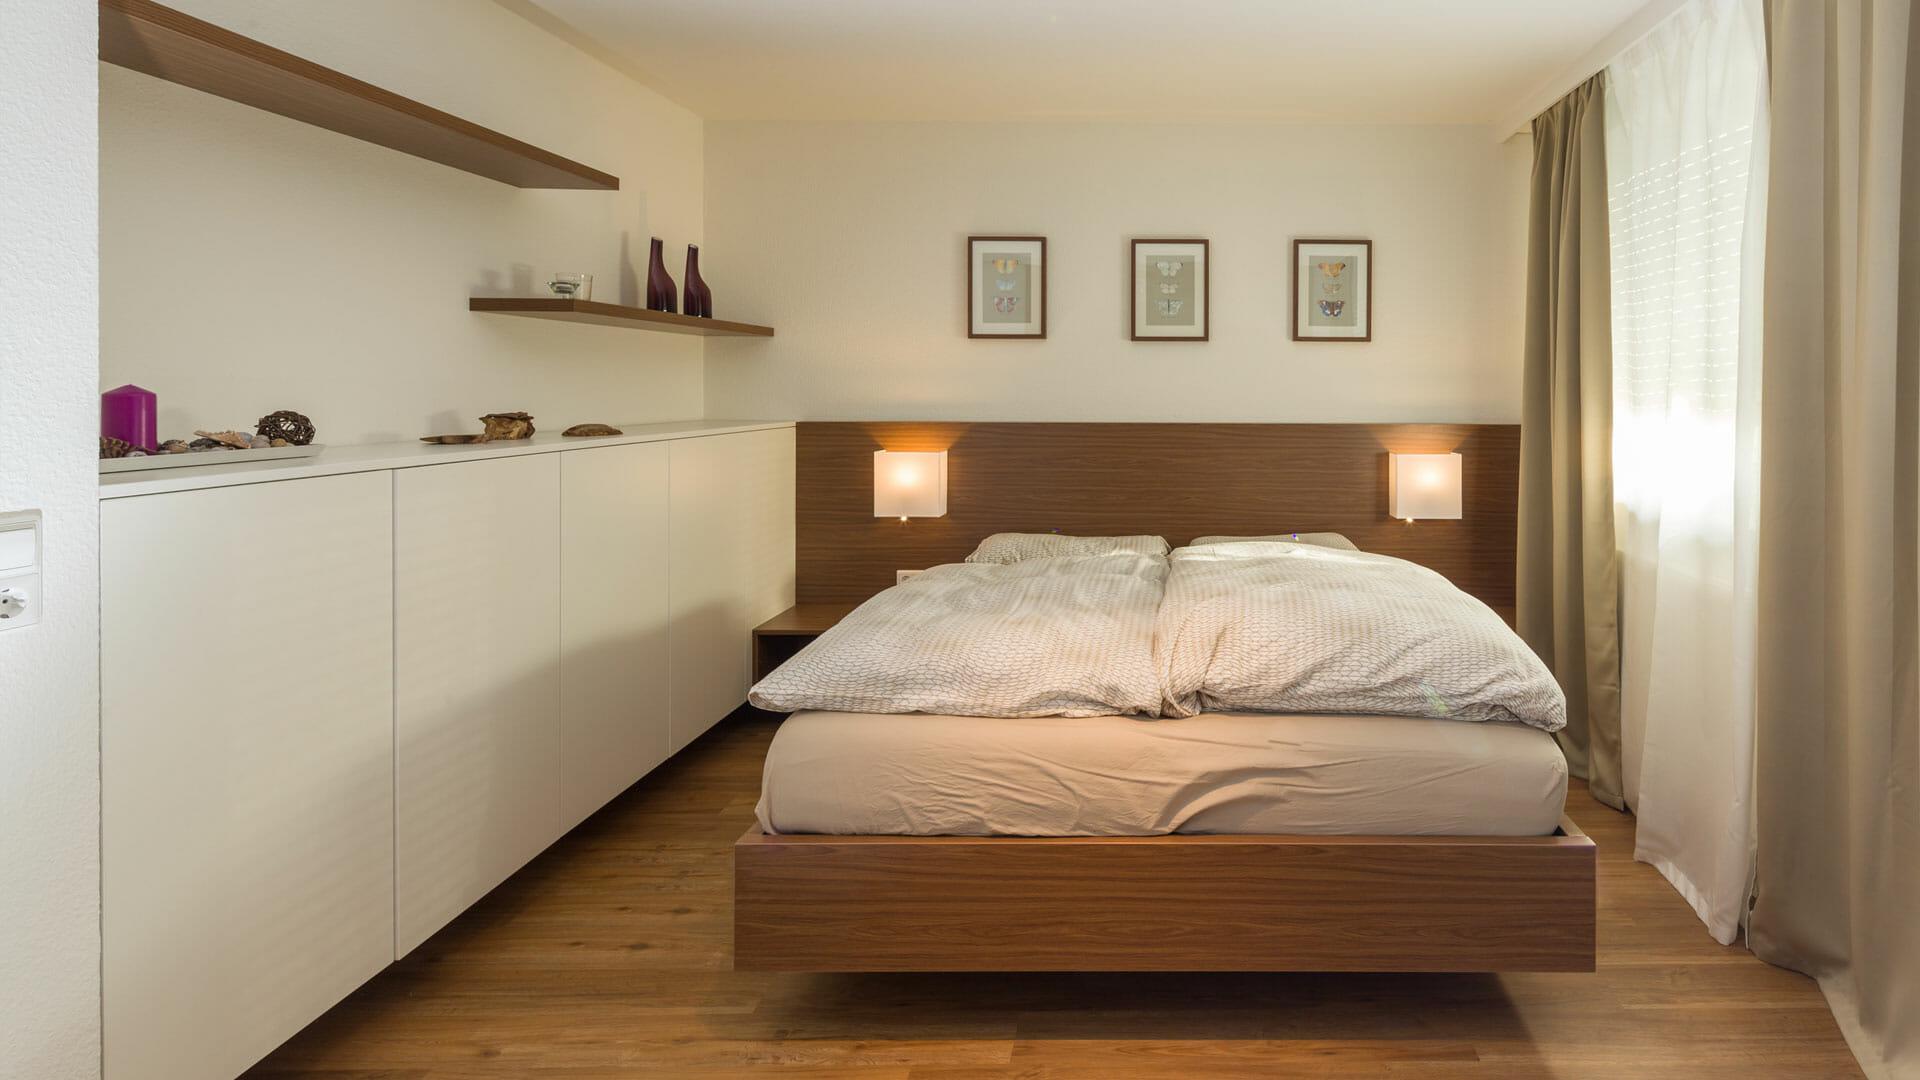 Doppelbett mit Betthaupt, Nachttischen und anschließendem Sideboard